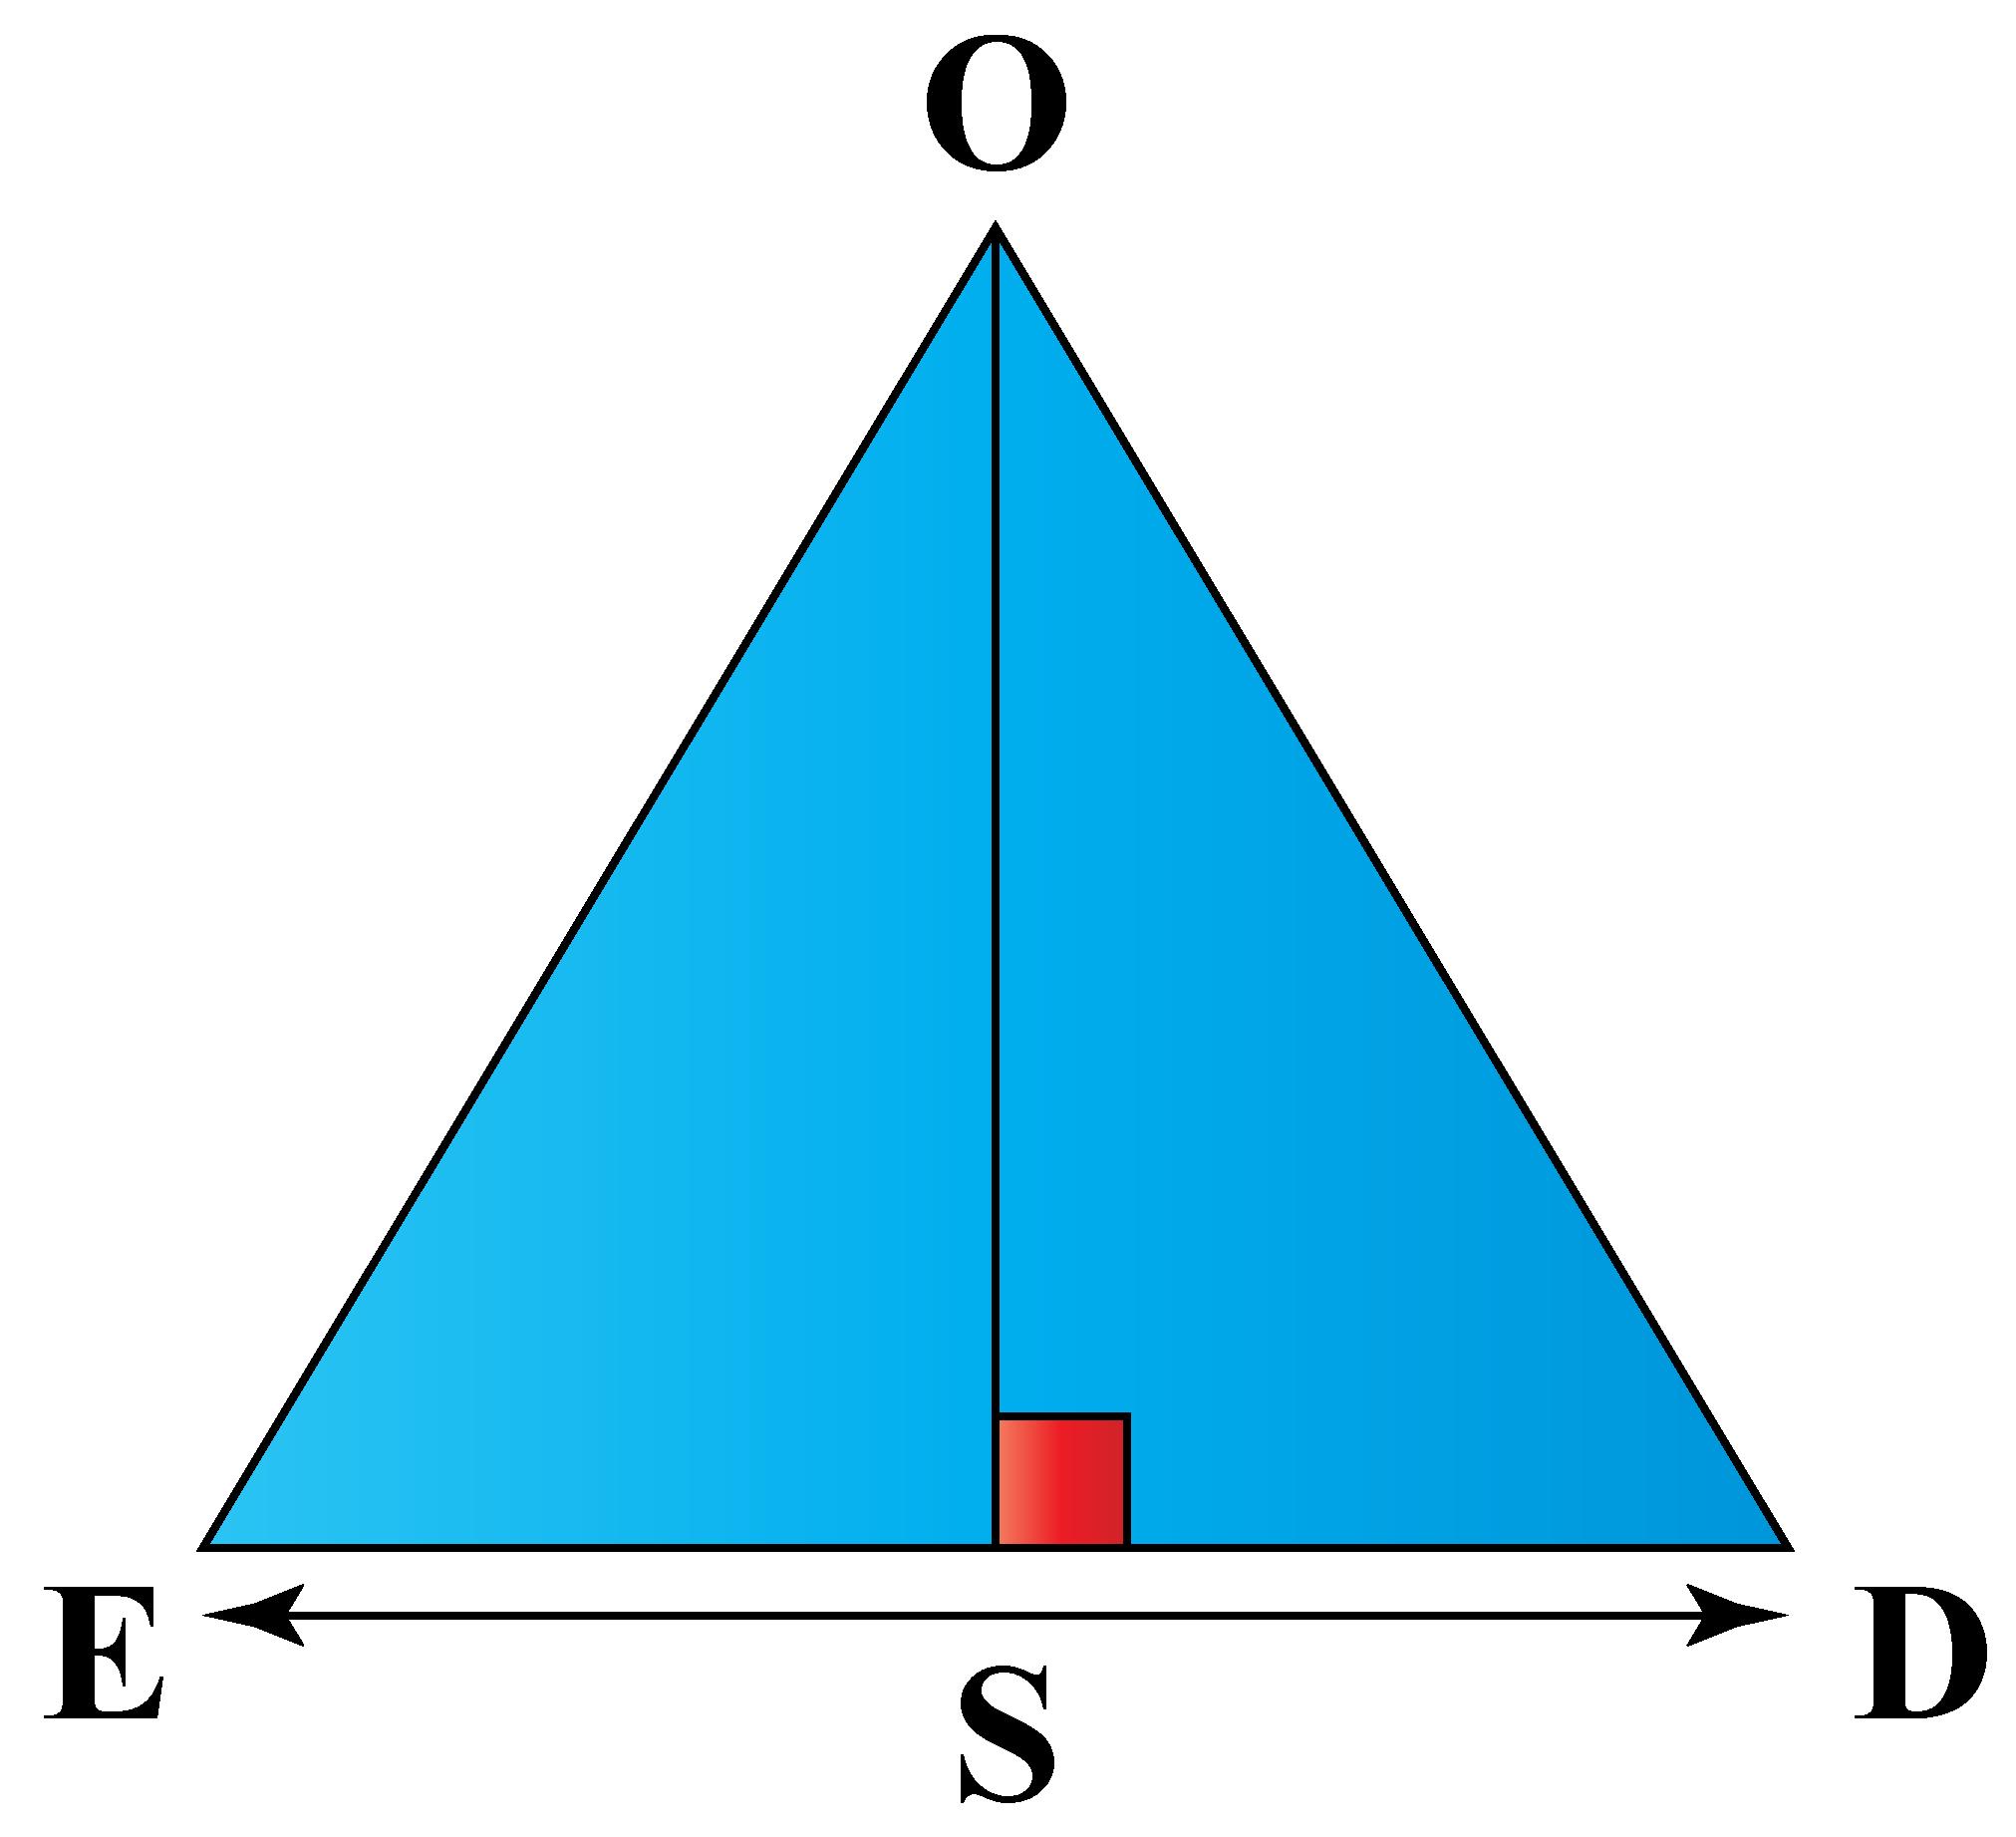 Area of a regular polygon: Regular polygon broken into 6 parts